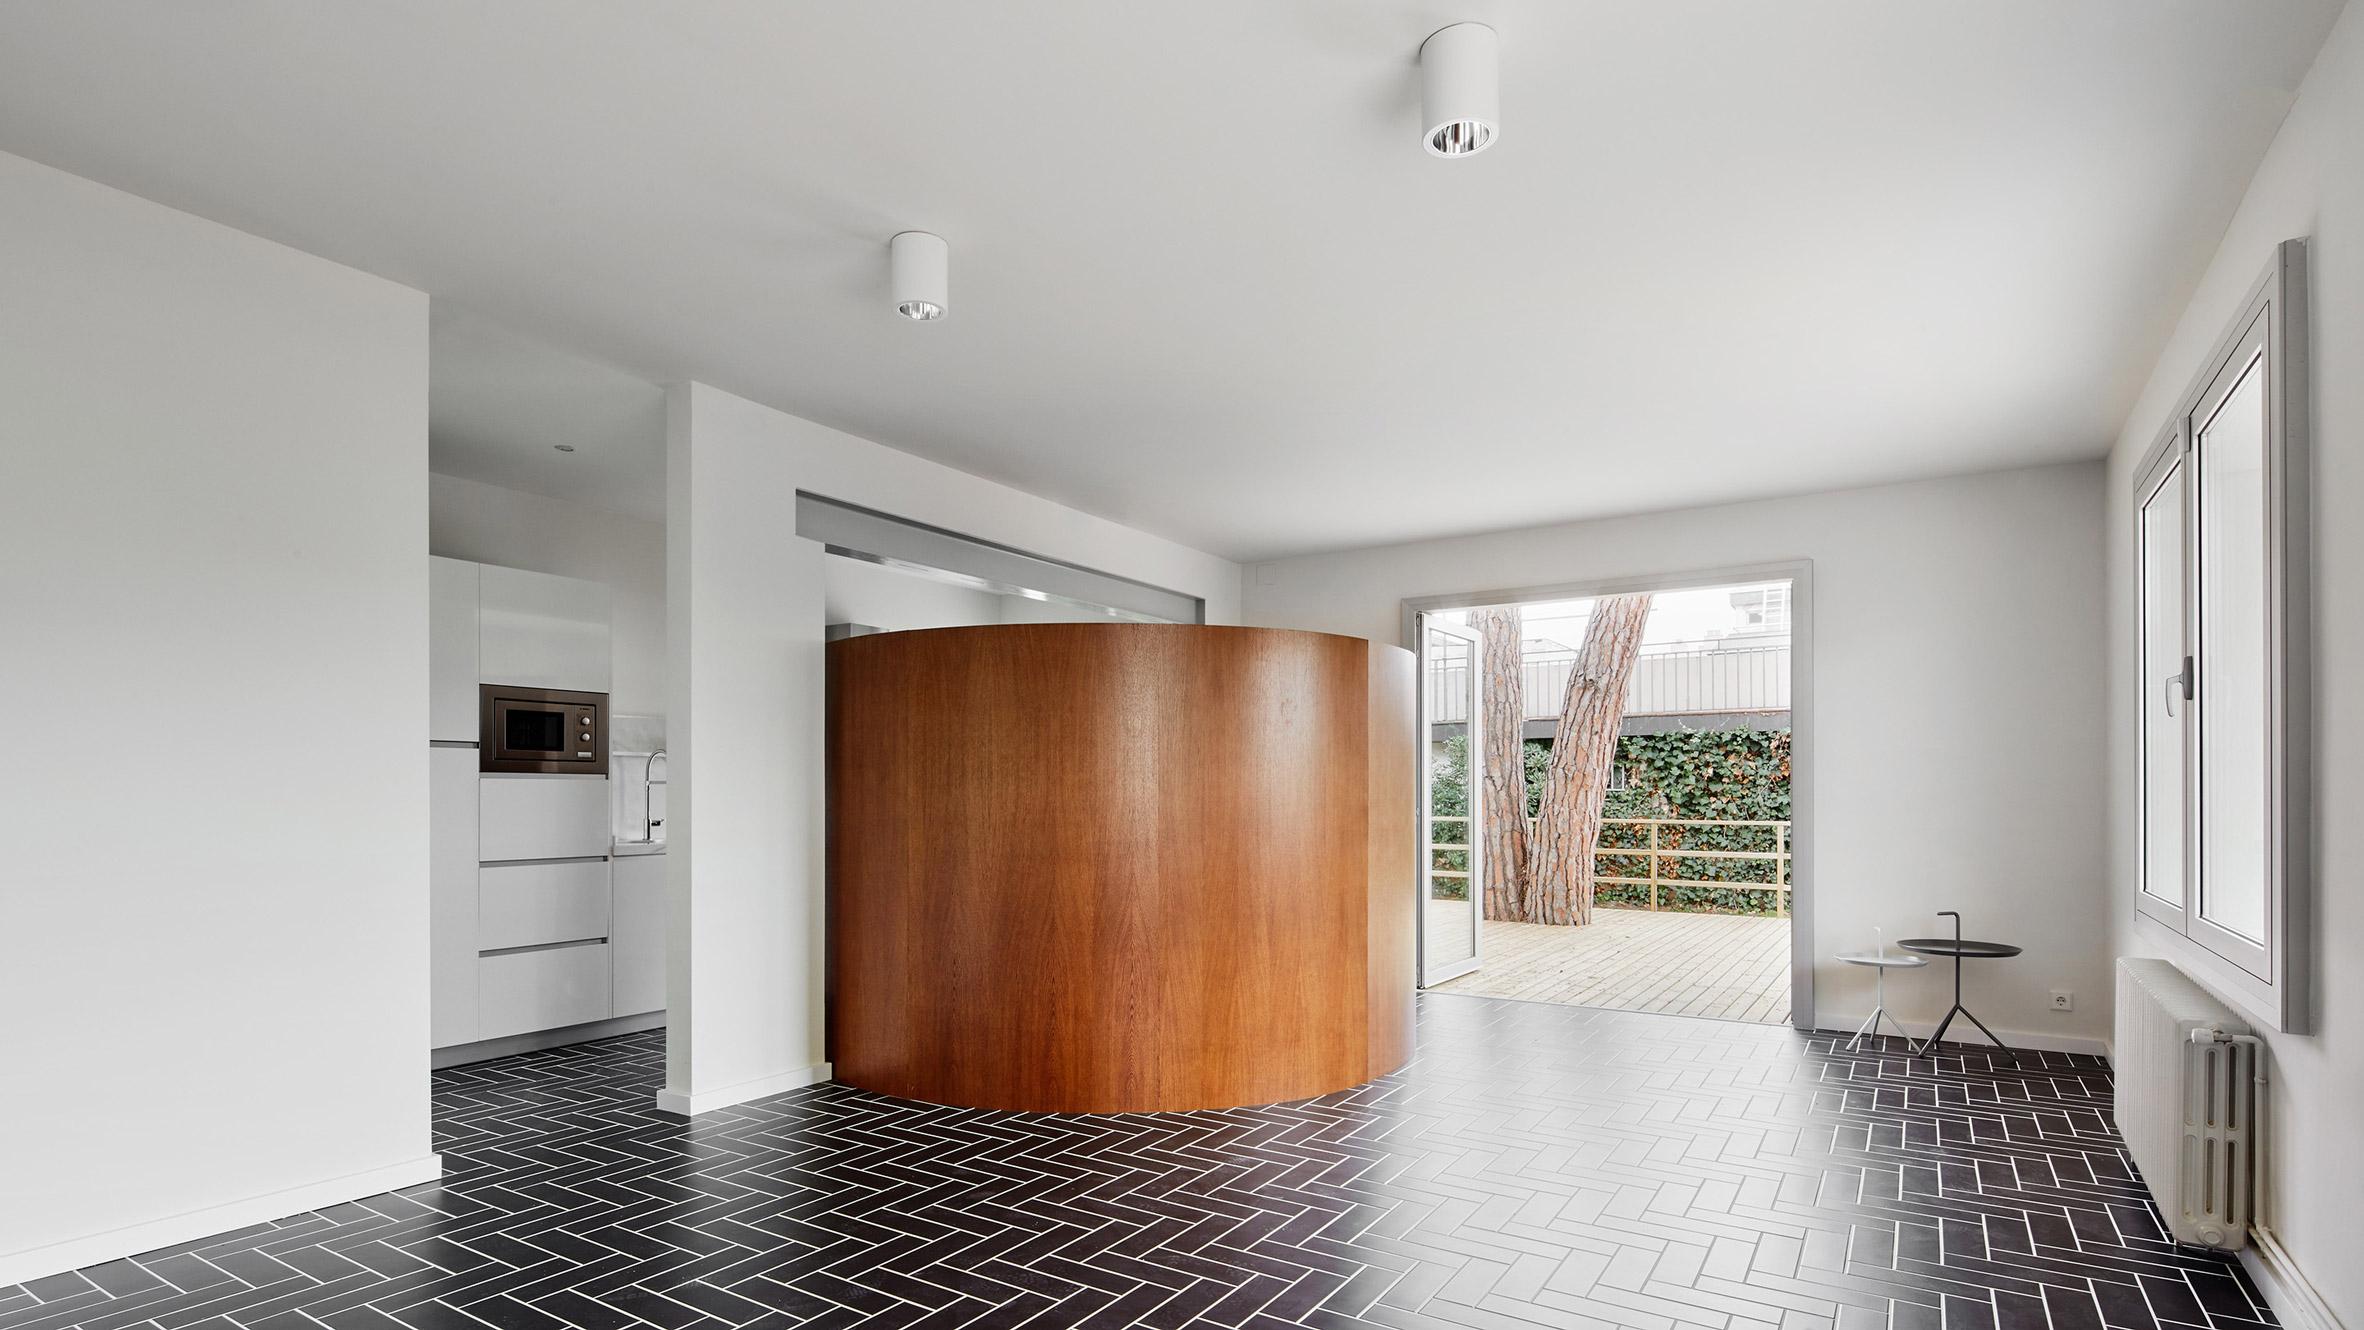 house-106-raul-sanchez-interiors_dezeen_hero-1